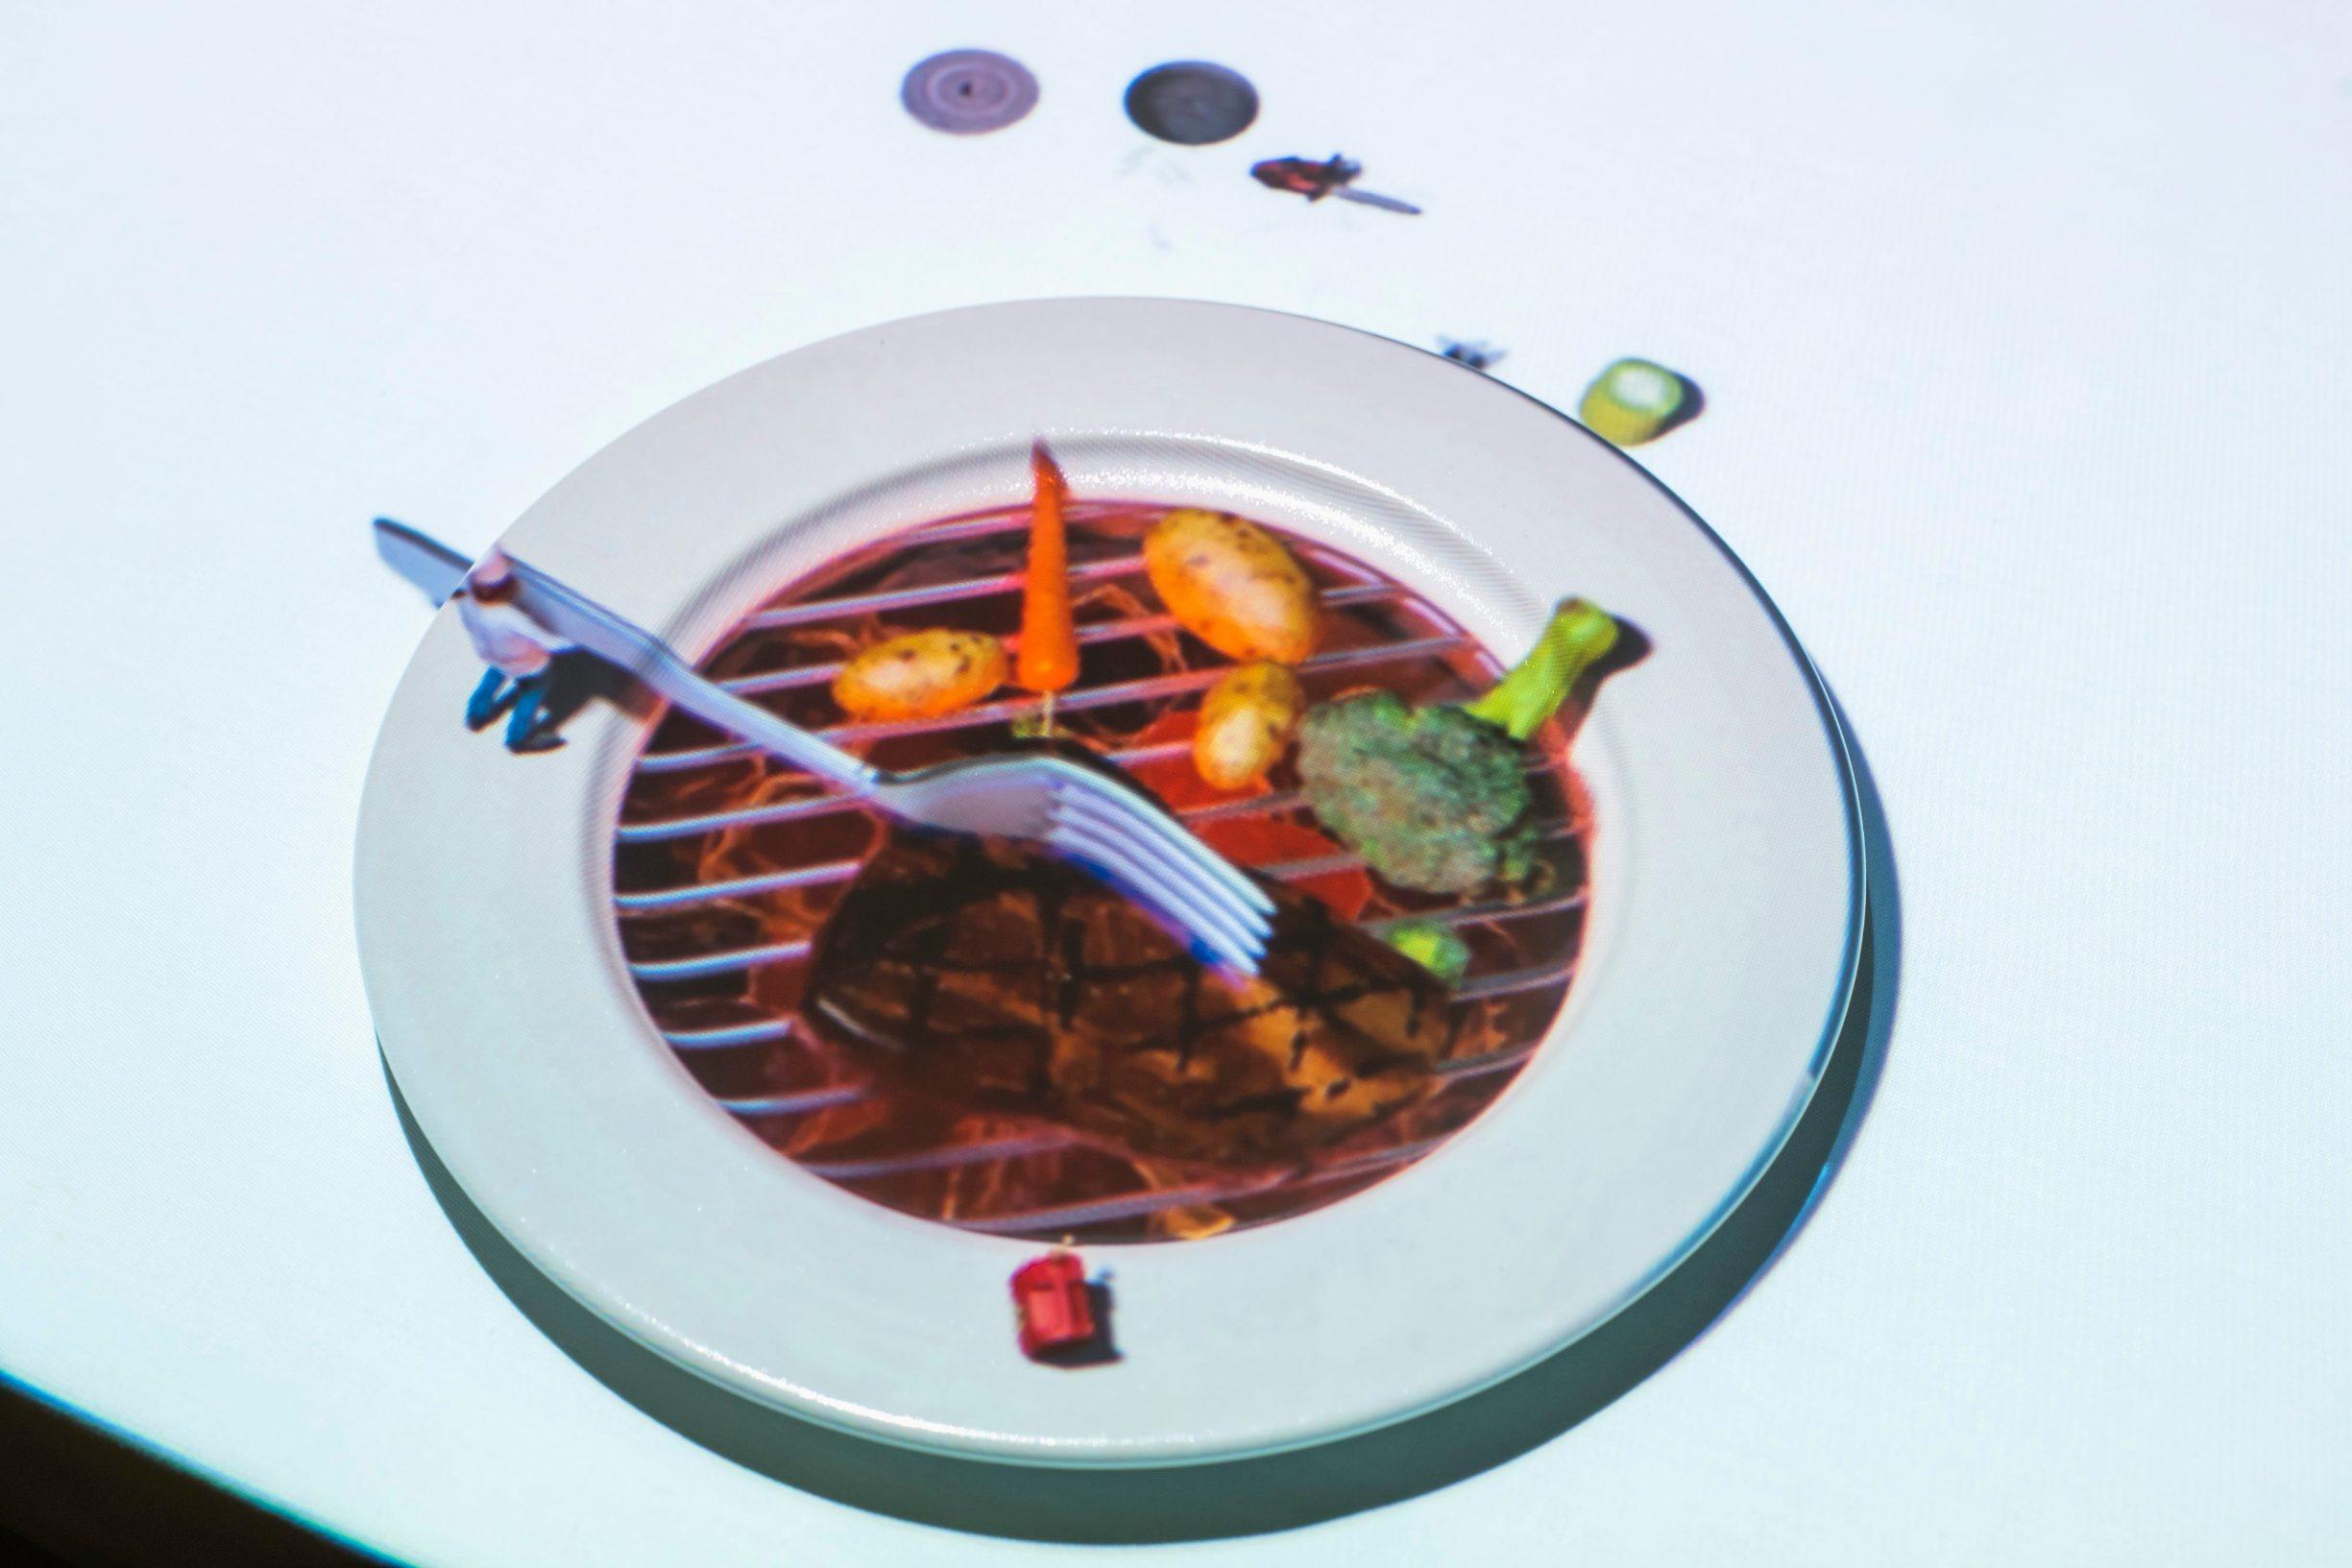 Zagreb, 140519. Restoran Baltazar prvi u Hrvatskoj je uveo menu uz projekcije Le petit chef. Foto: Neja Markicevic / CROPIX